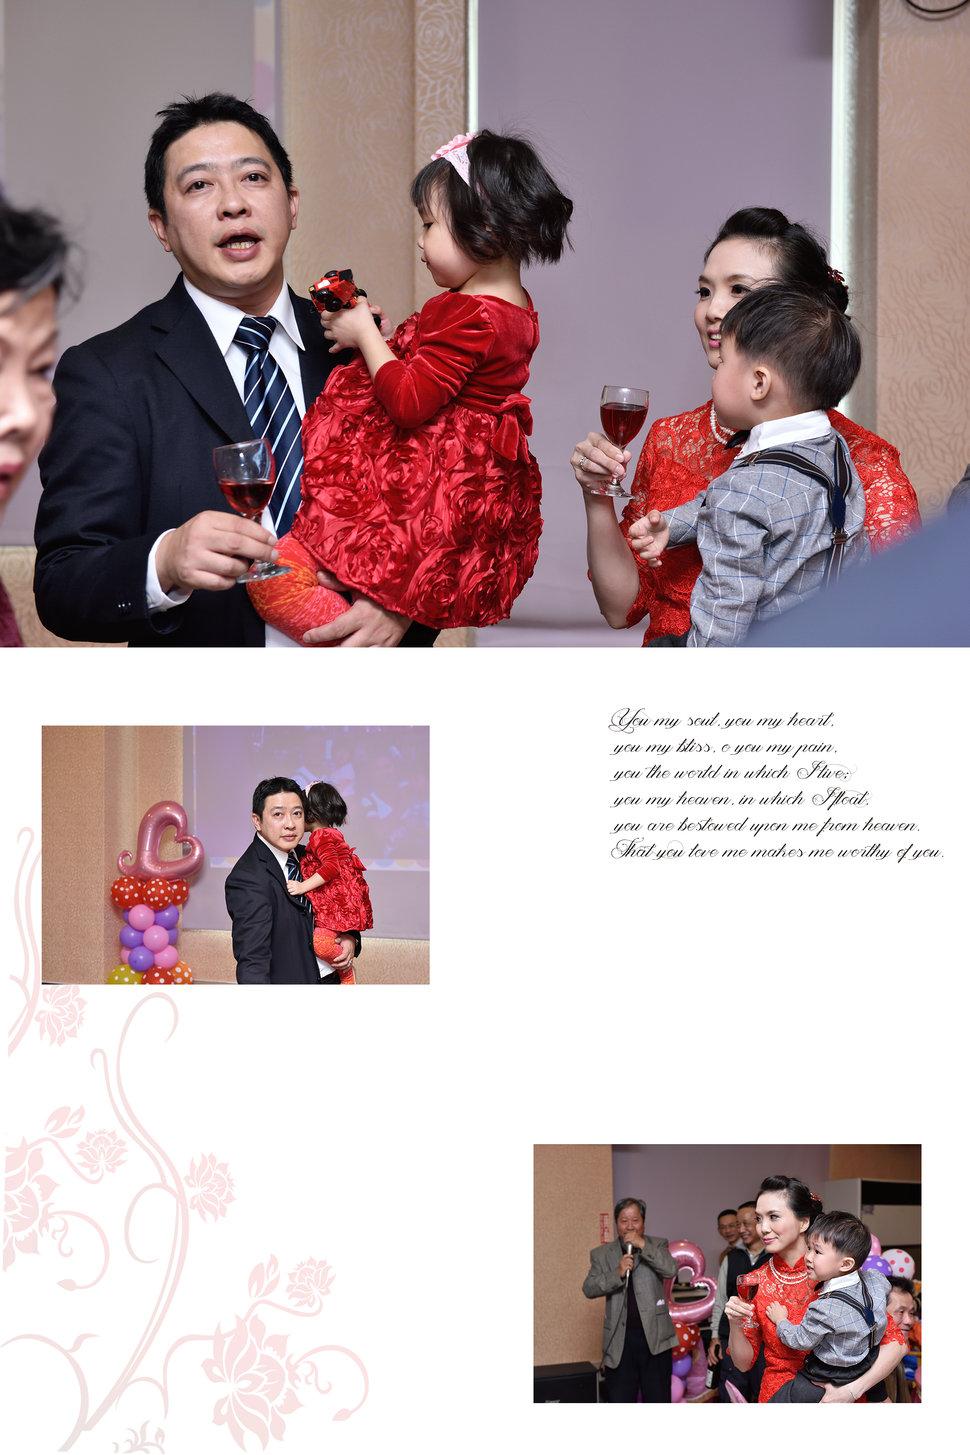 彰化婚攝 婚禮紀錄 結婚單午宴 金悅囍宴館 平面攝影(編號:148441) - D&L 婚禮事務-婚紗攝影/婚禮記錄 - 結婚吧